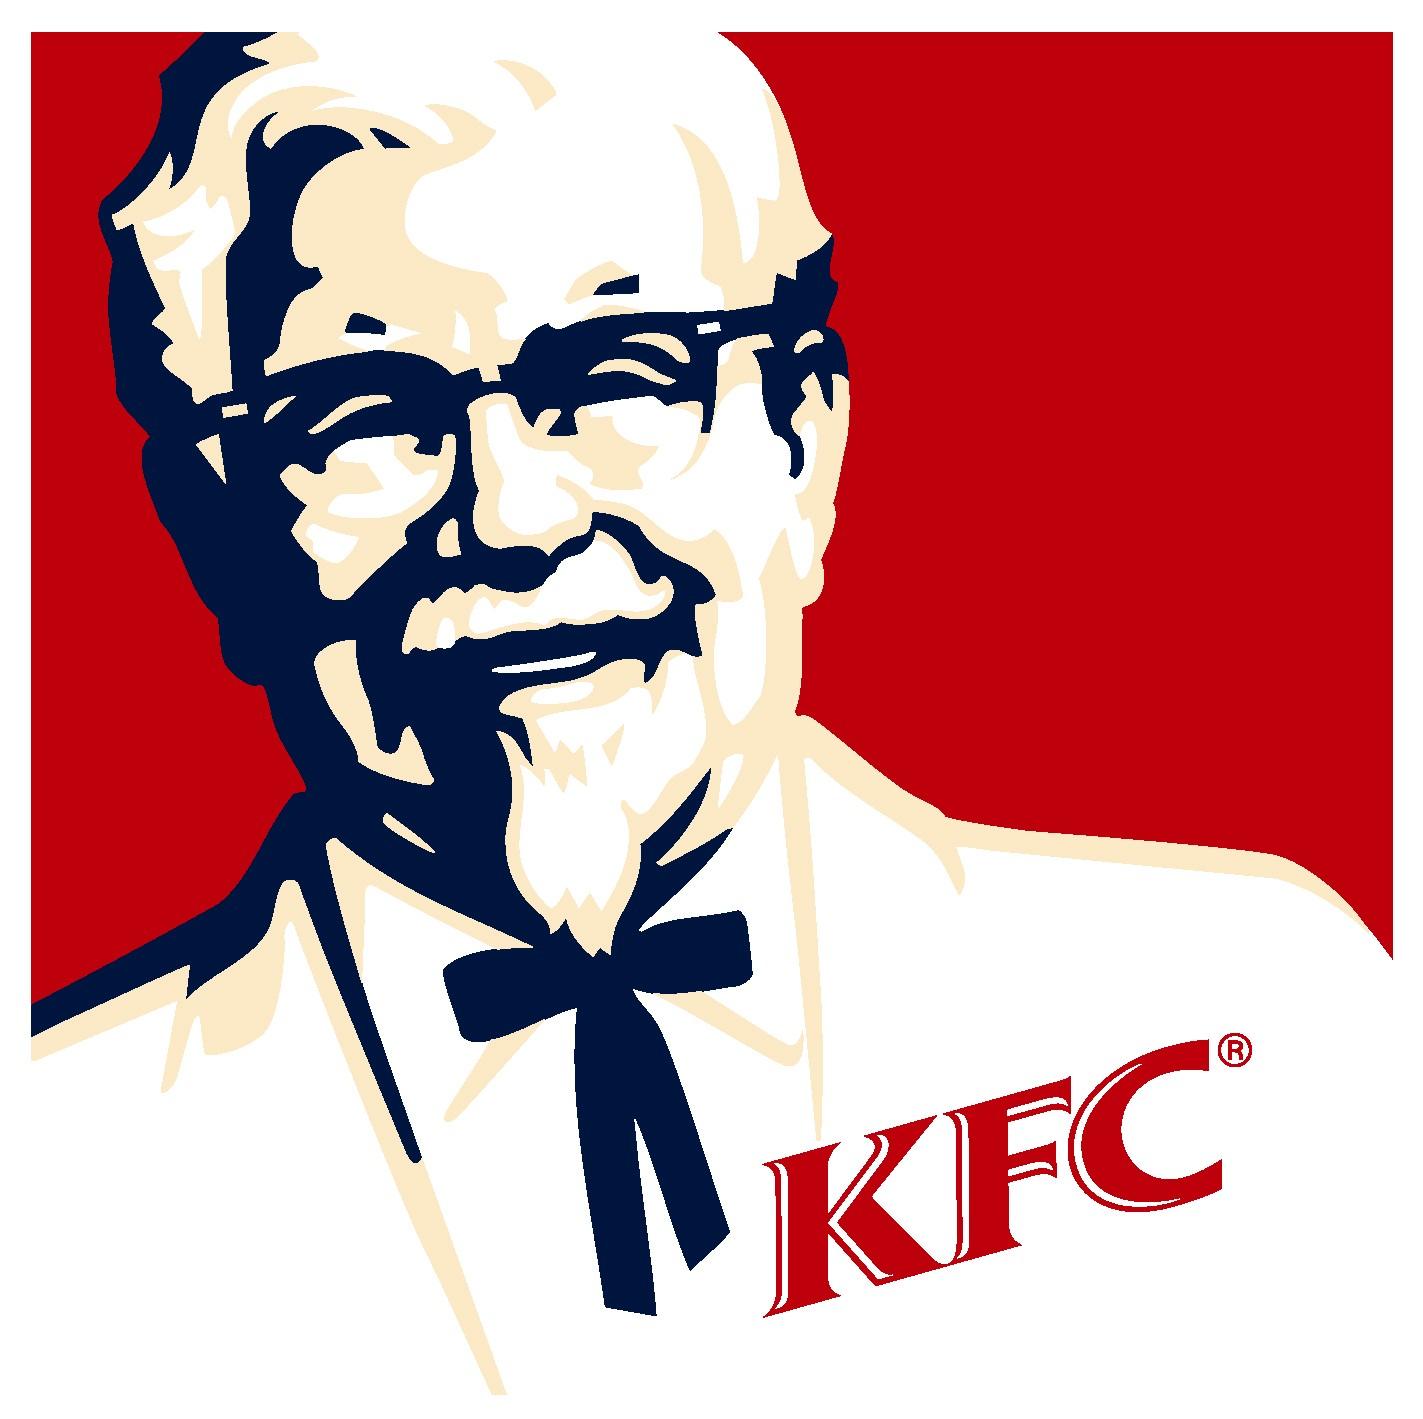 http://2.bp.blogspot.com/-Iq6BjWS_ZS4/Td4uetv7ubI/AAAAAAAAAA8/kFGZrLP5ZVU/s1600/kfc-logo-high-quality.jpg